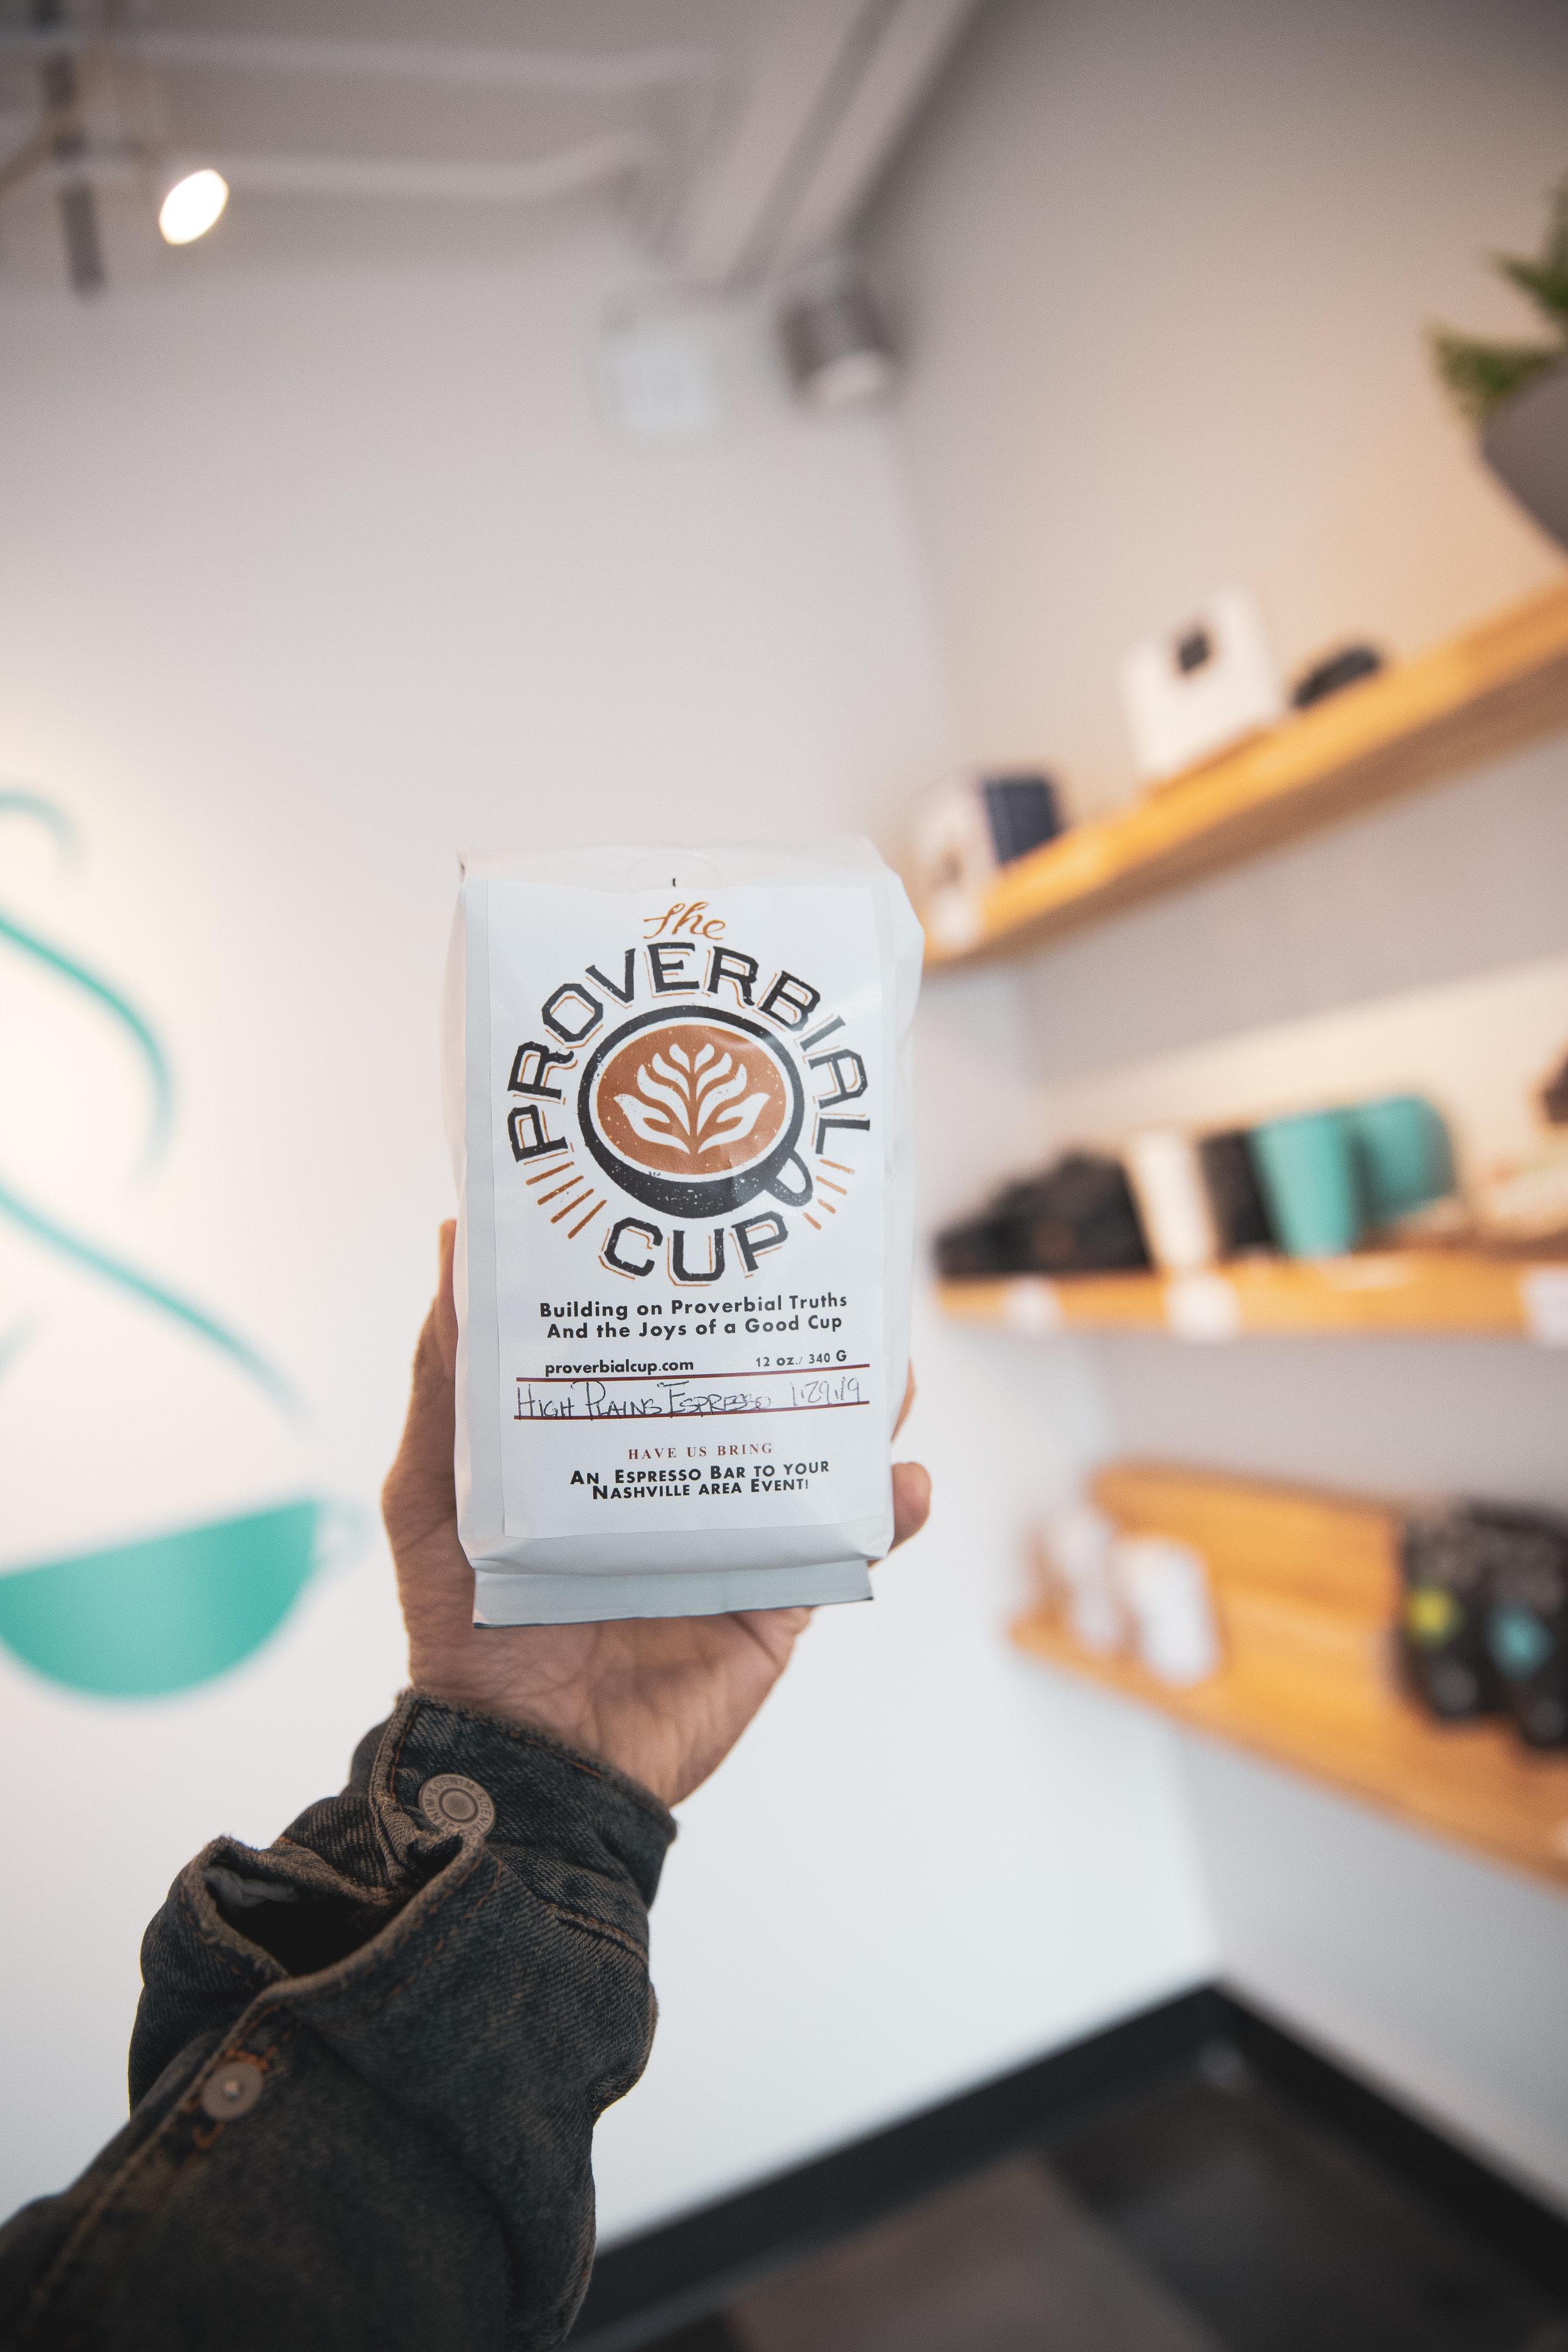 coffeeshop-photography-9I0586.jpg